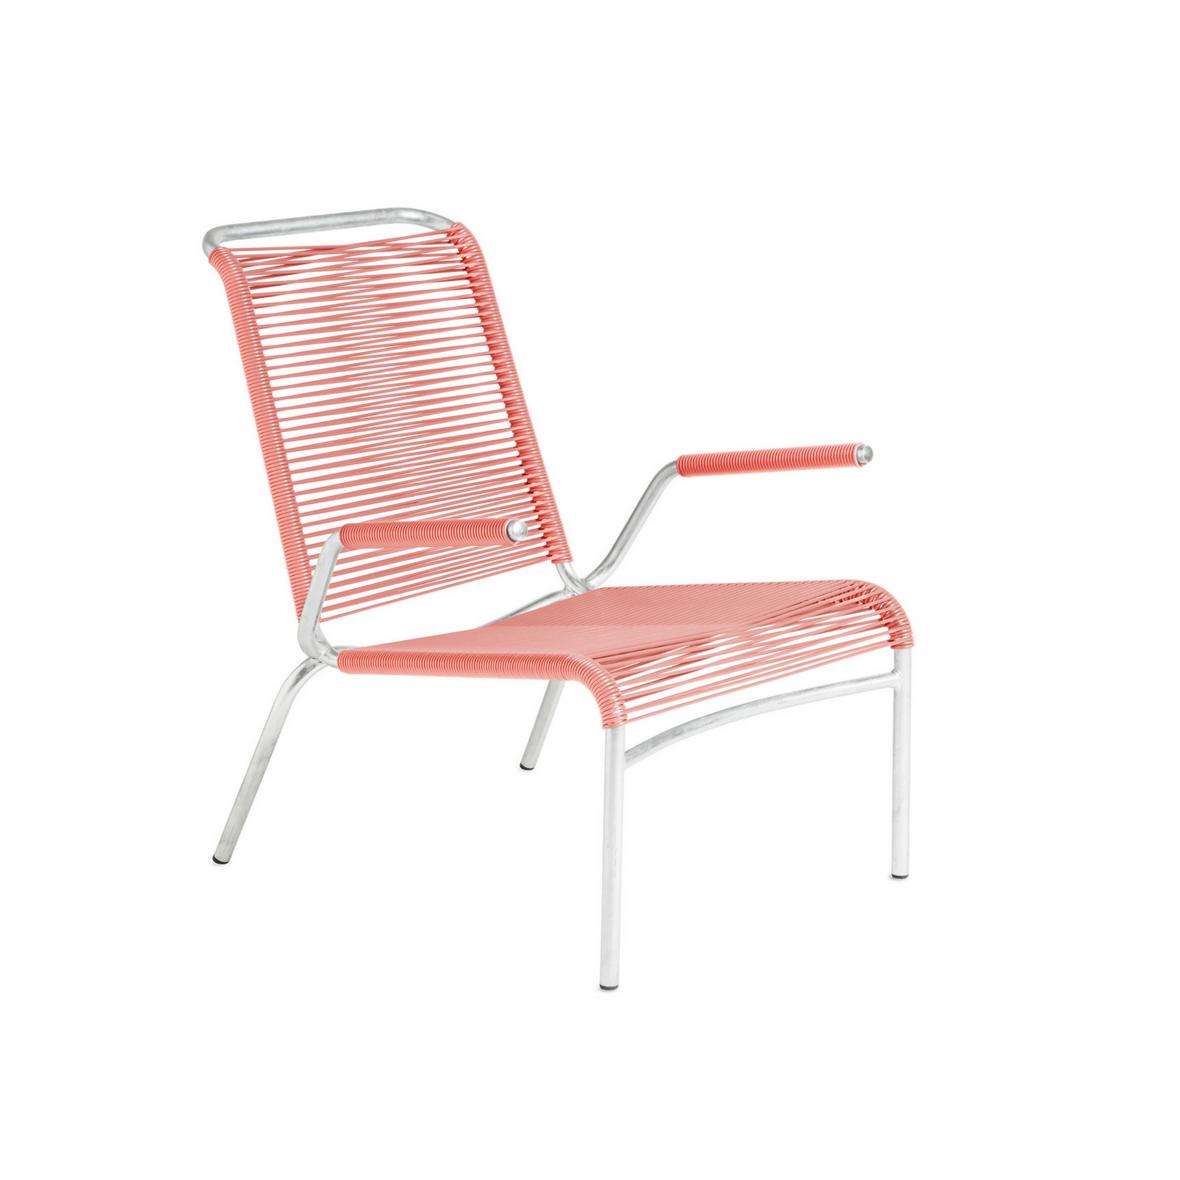 Altorfer Lounge Sessel 1142 mit Armlehne Altrosa von Embru